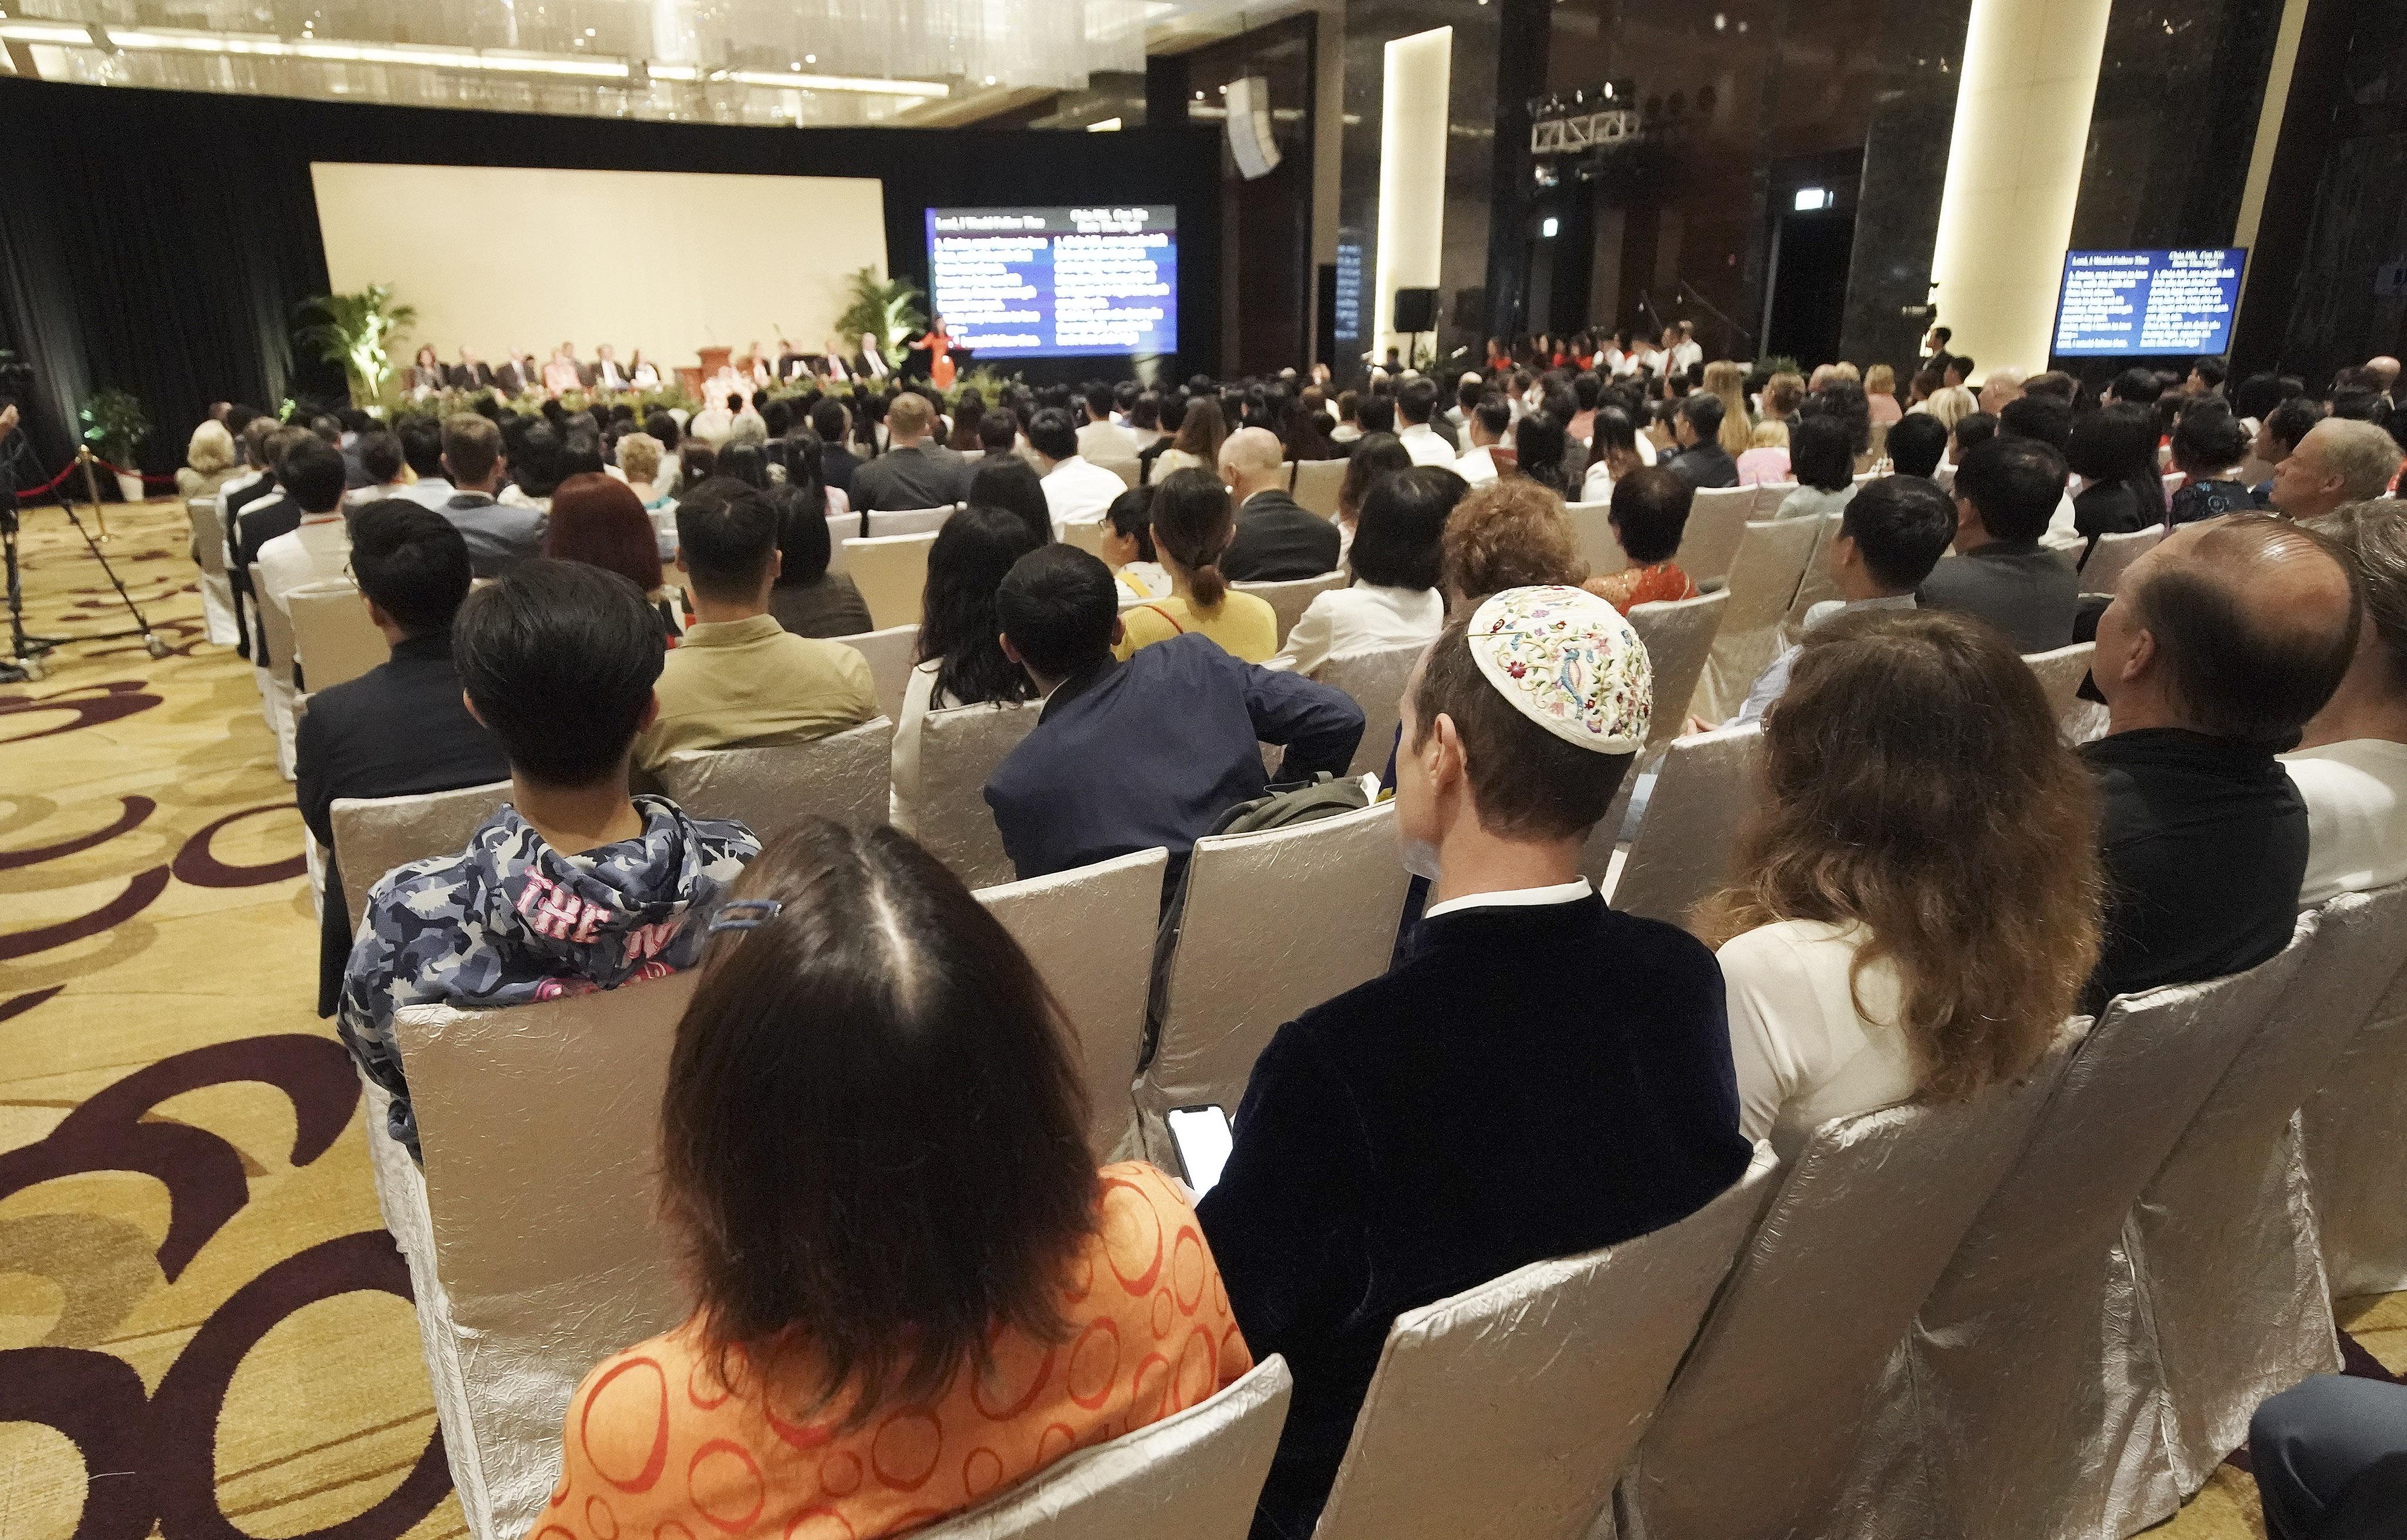 Attendees listen during a devotional in Hanoi, Vietnam, on Sunday, Nov. 17, 2019.